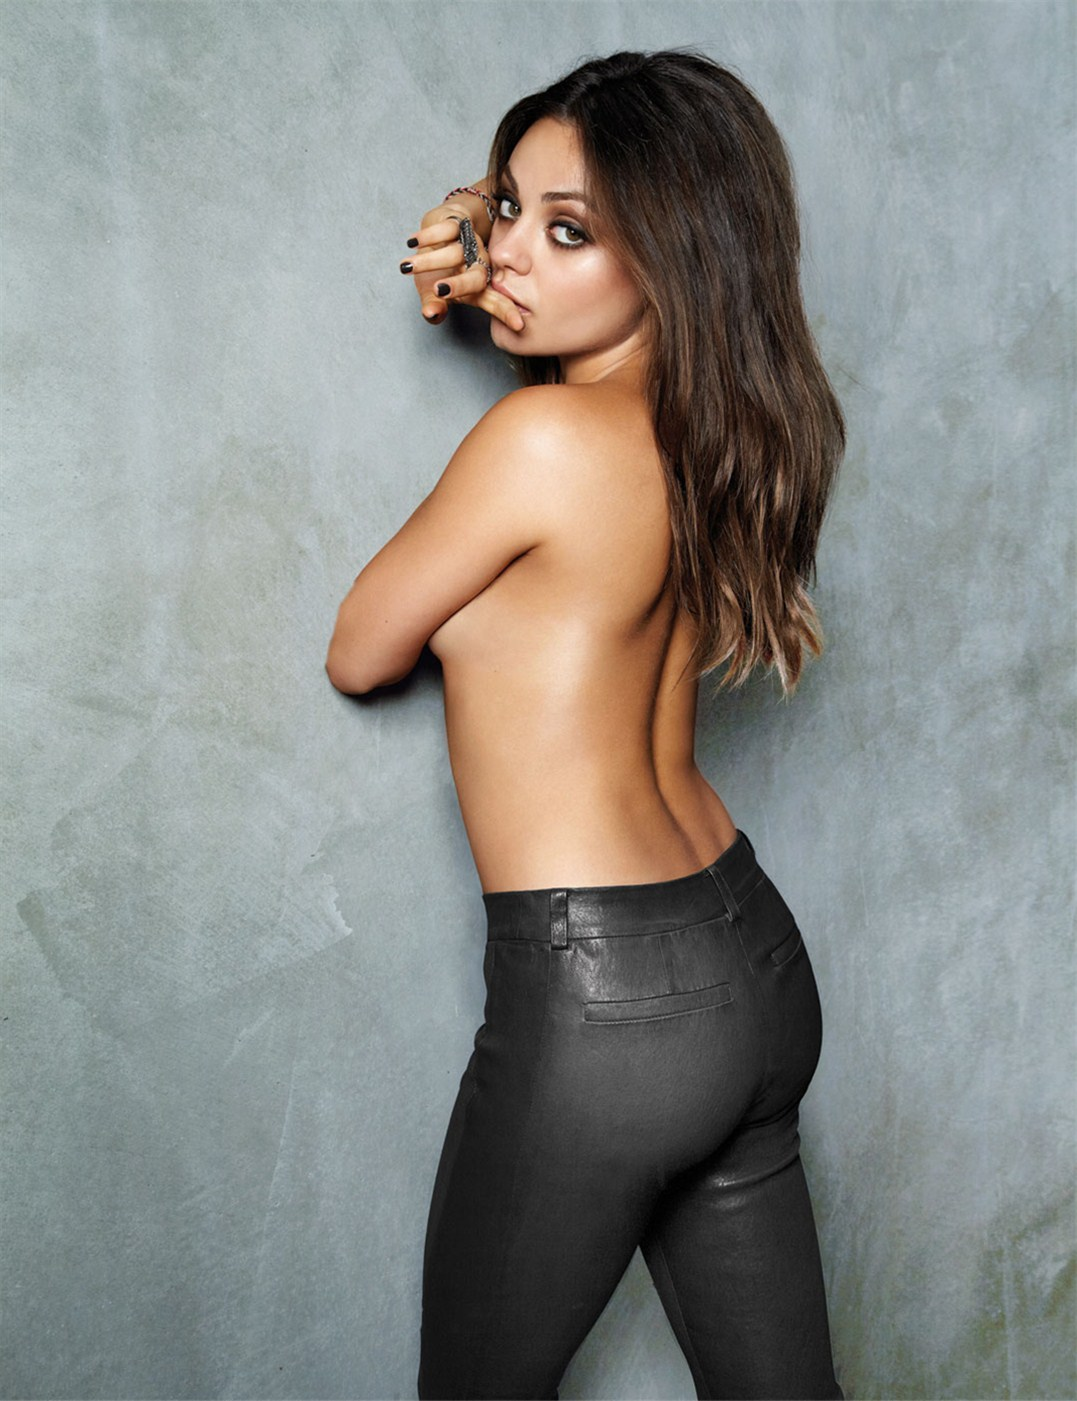 Mila Kunis / Мила Кунис - самая сексуальная в мире в 2012-ом по версии Esquire / фотограф Cliff Watts